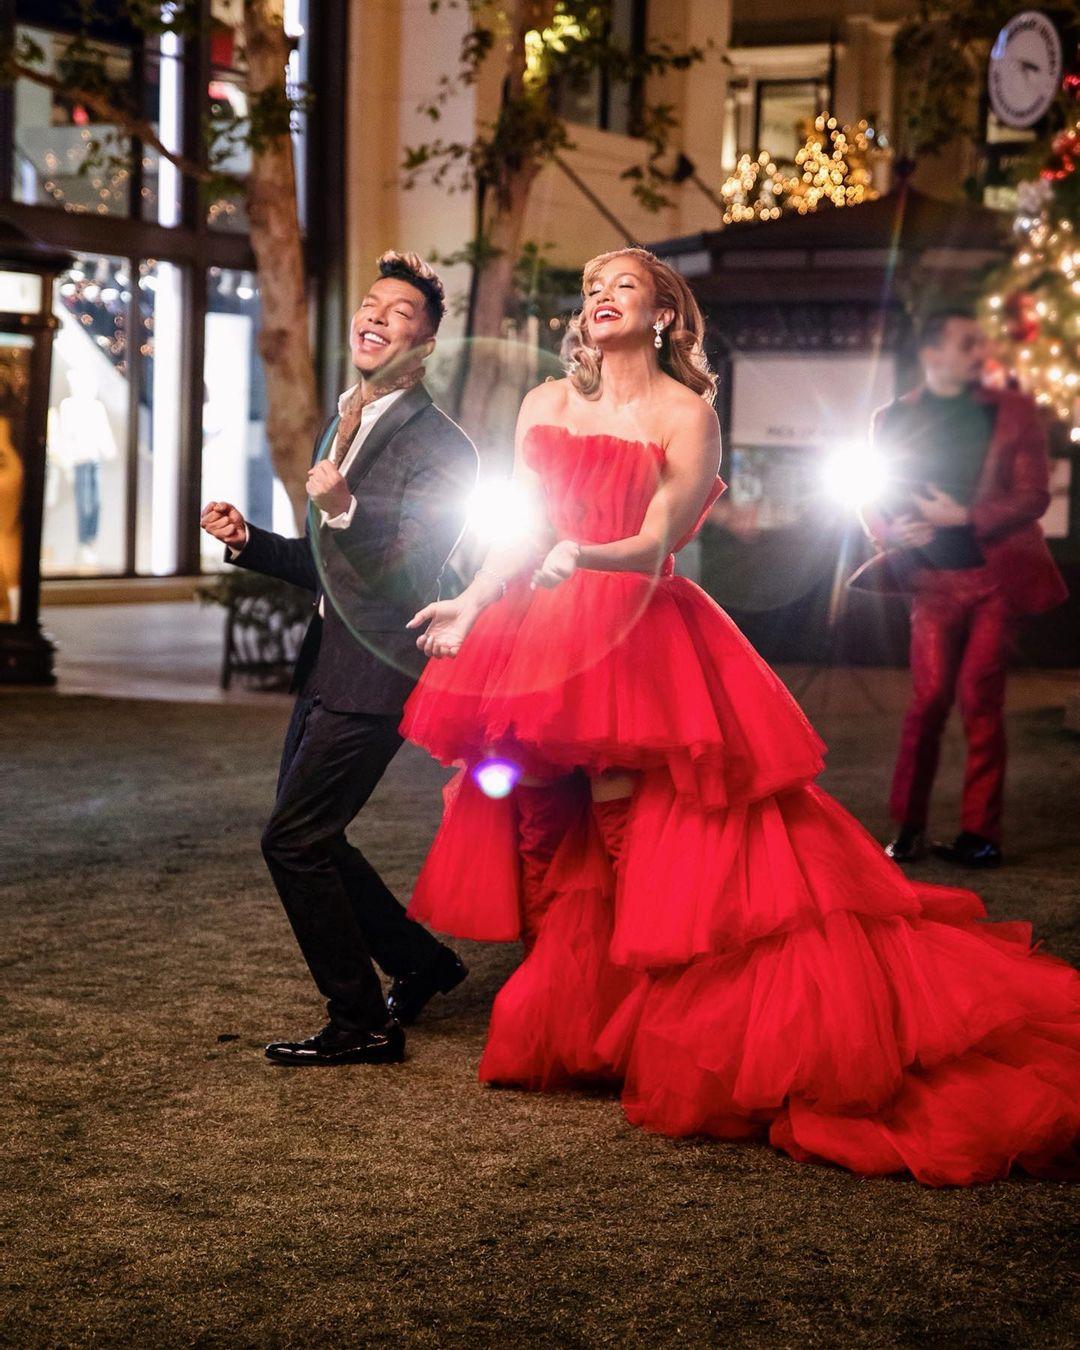 ჯეი ლოს საახალწლო სიმღერა და მაგიური წითელი კაბა